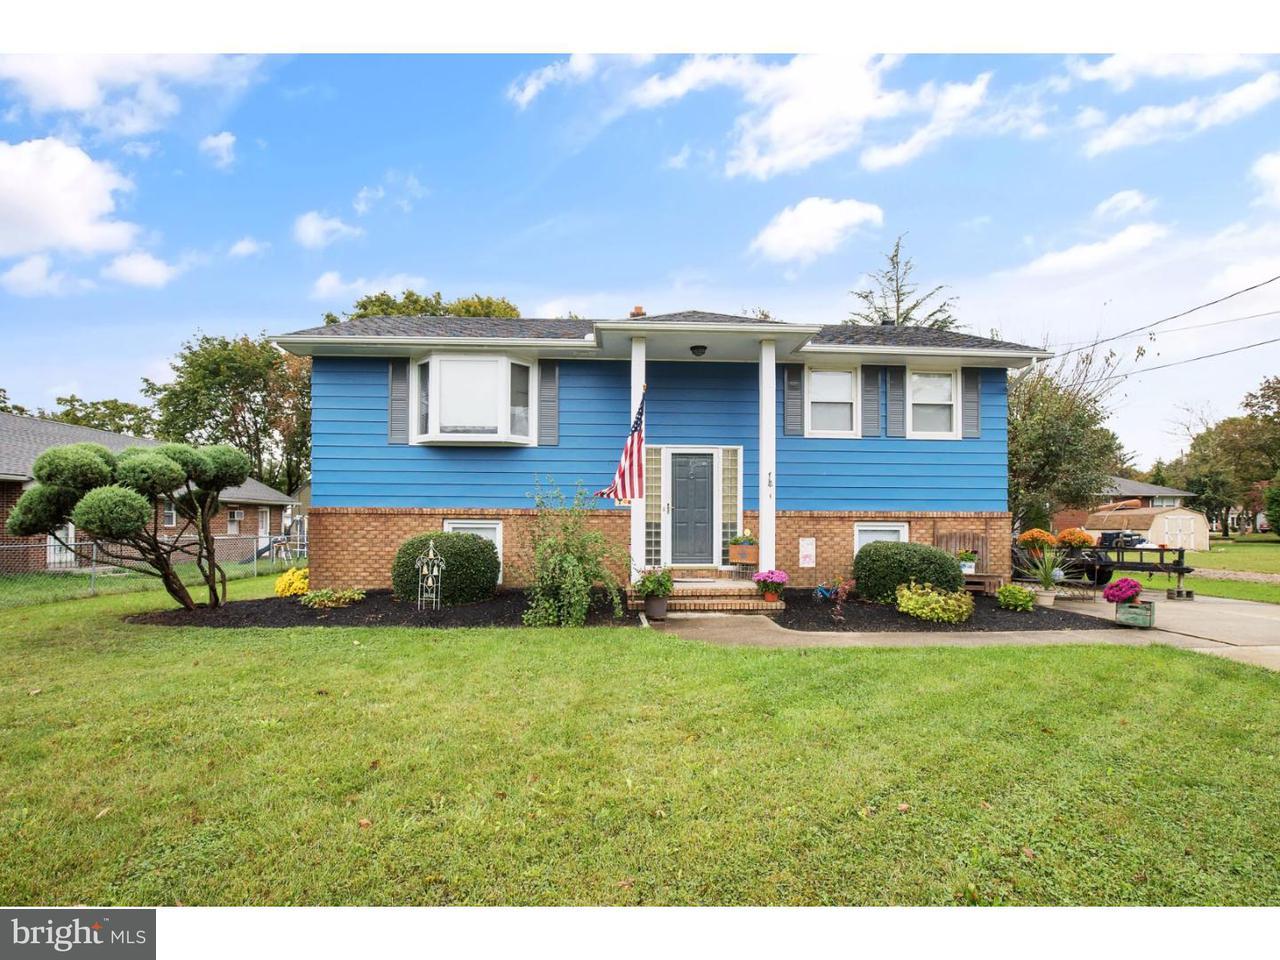 独户住宅 为 销售 在 202 N WILLOW Street Landisville, 新泽西州 08326 美国